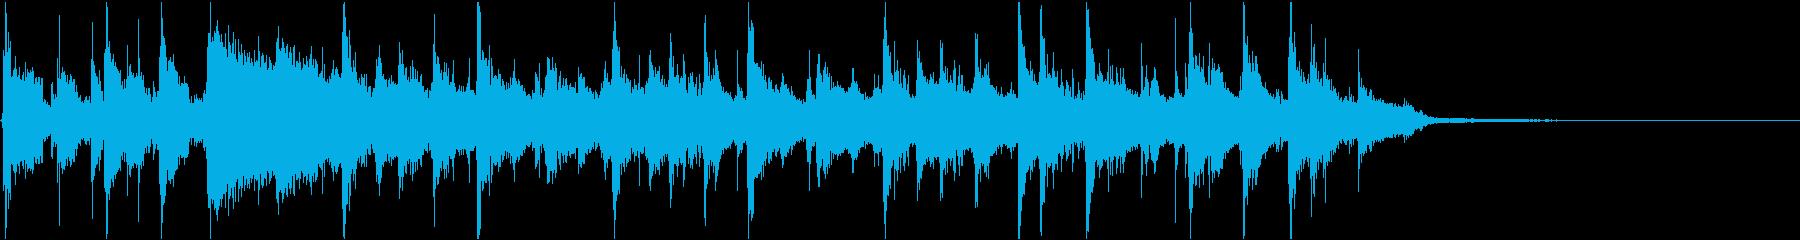 爽やかでリズミカルなキラキラ系インストの再生済みの波形